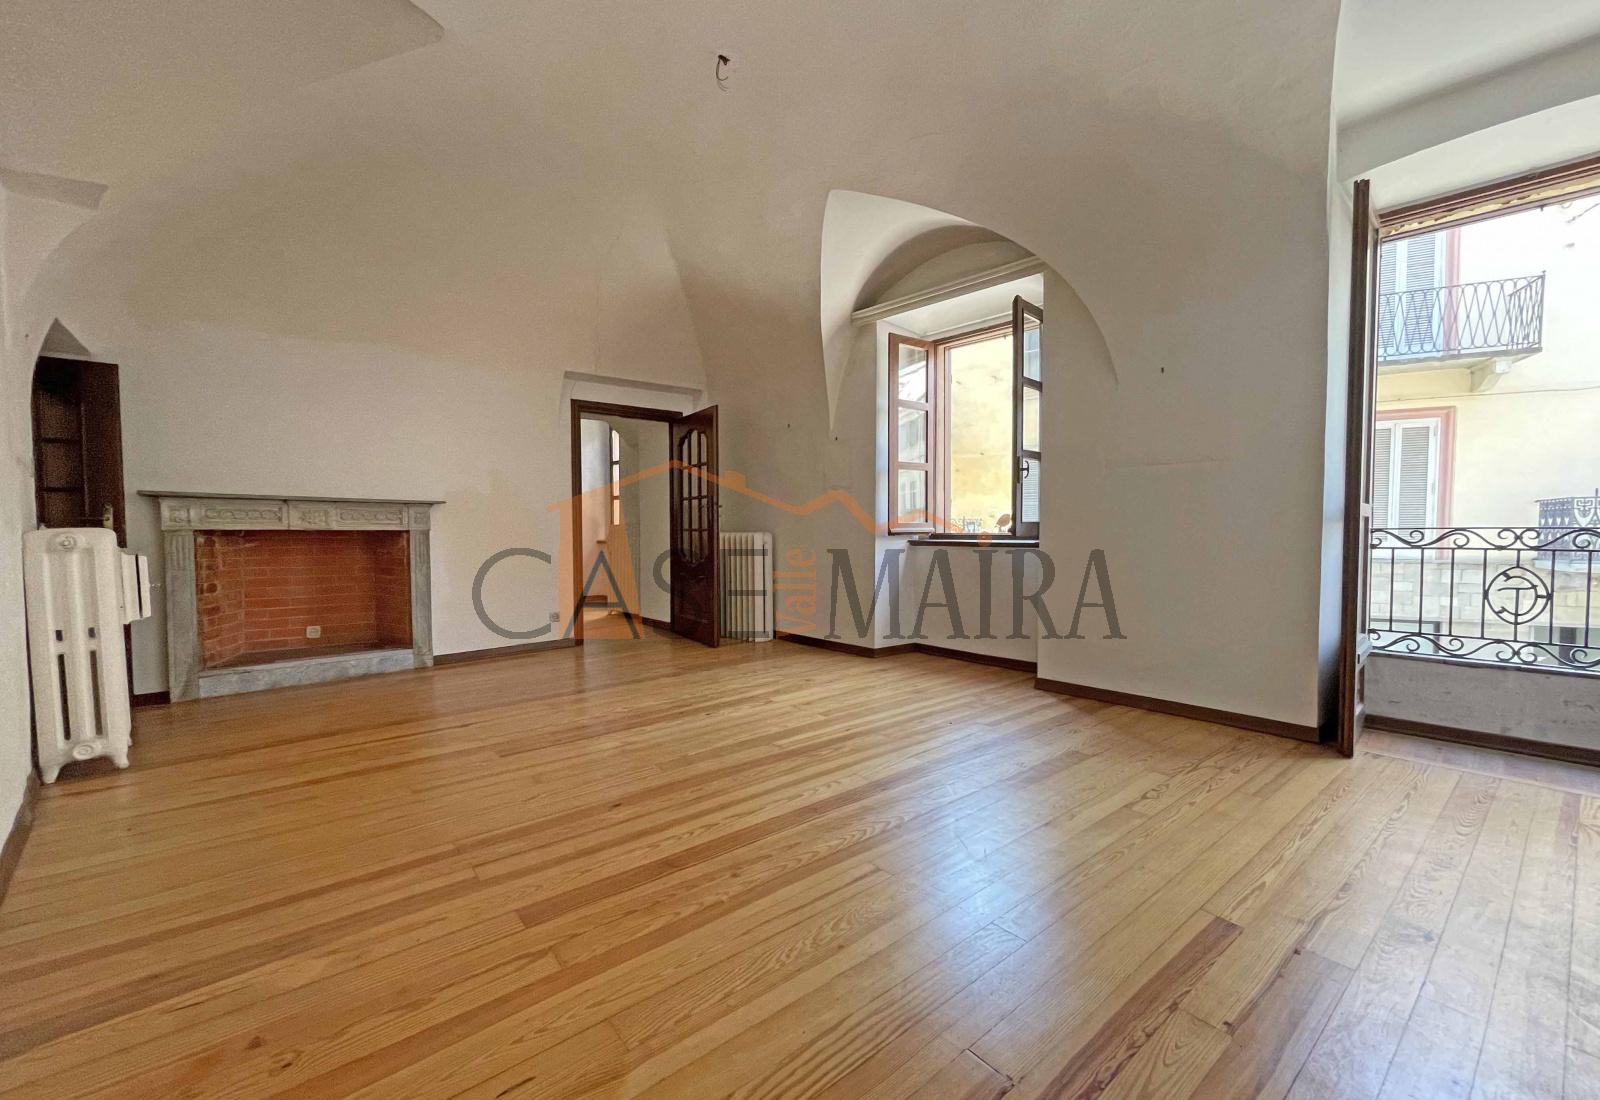 Via IV Novembre, DRONERO, 12025, 4 Stanze da Letto Stanze da Letto, ,Appartamento,In vendita,1089